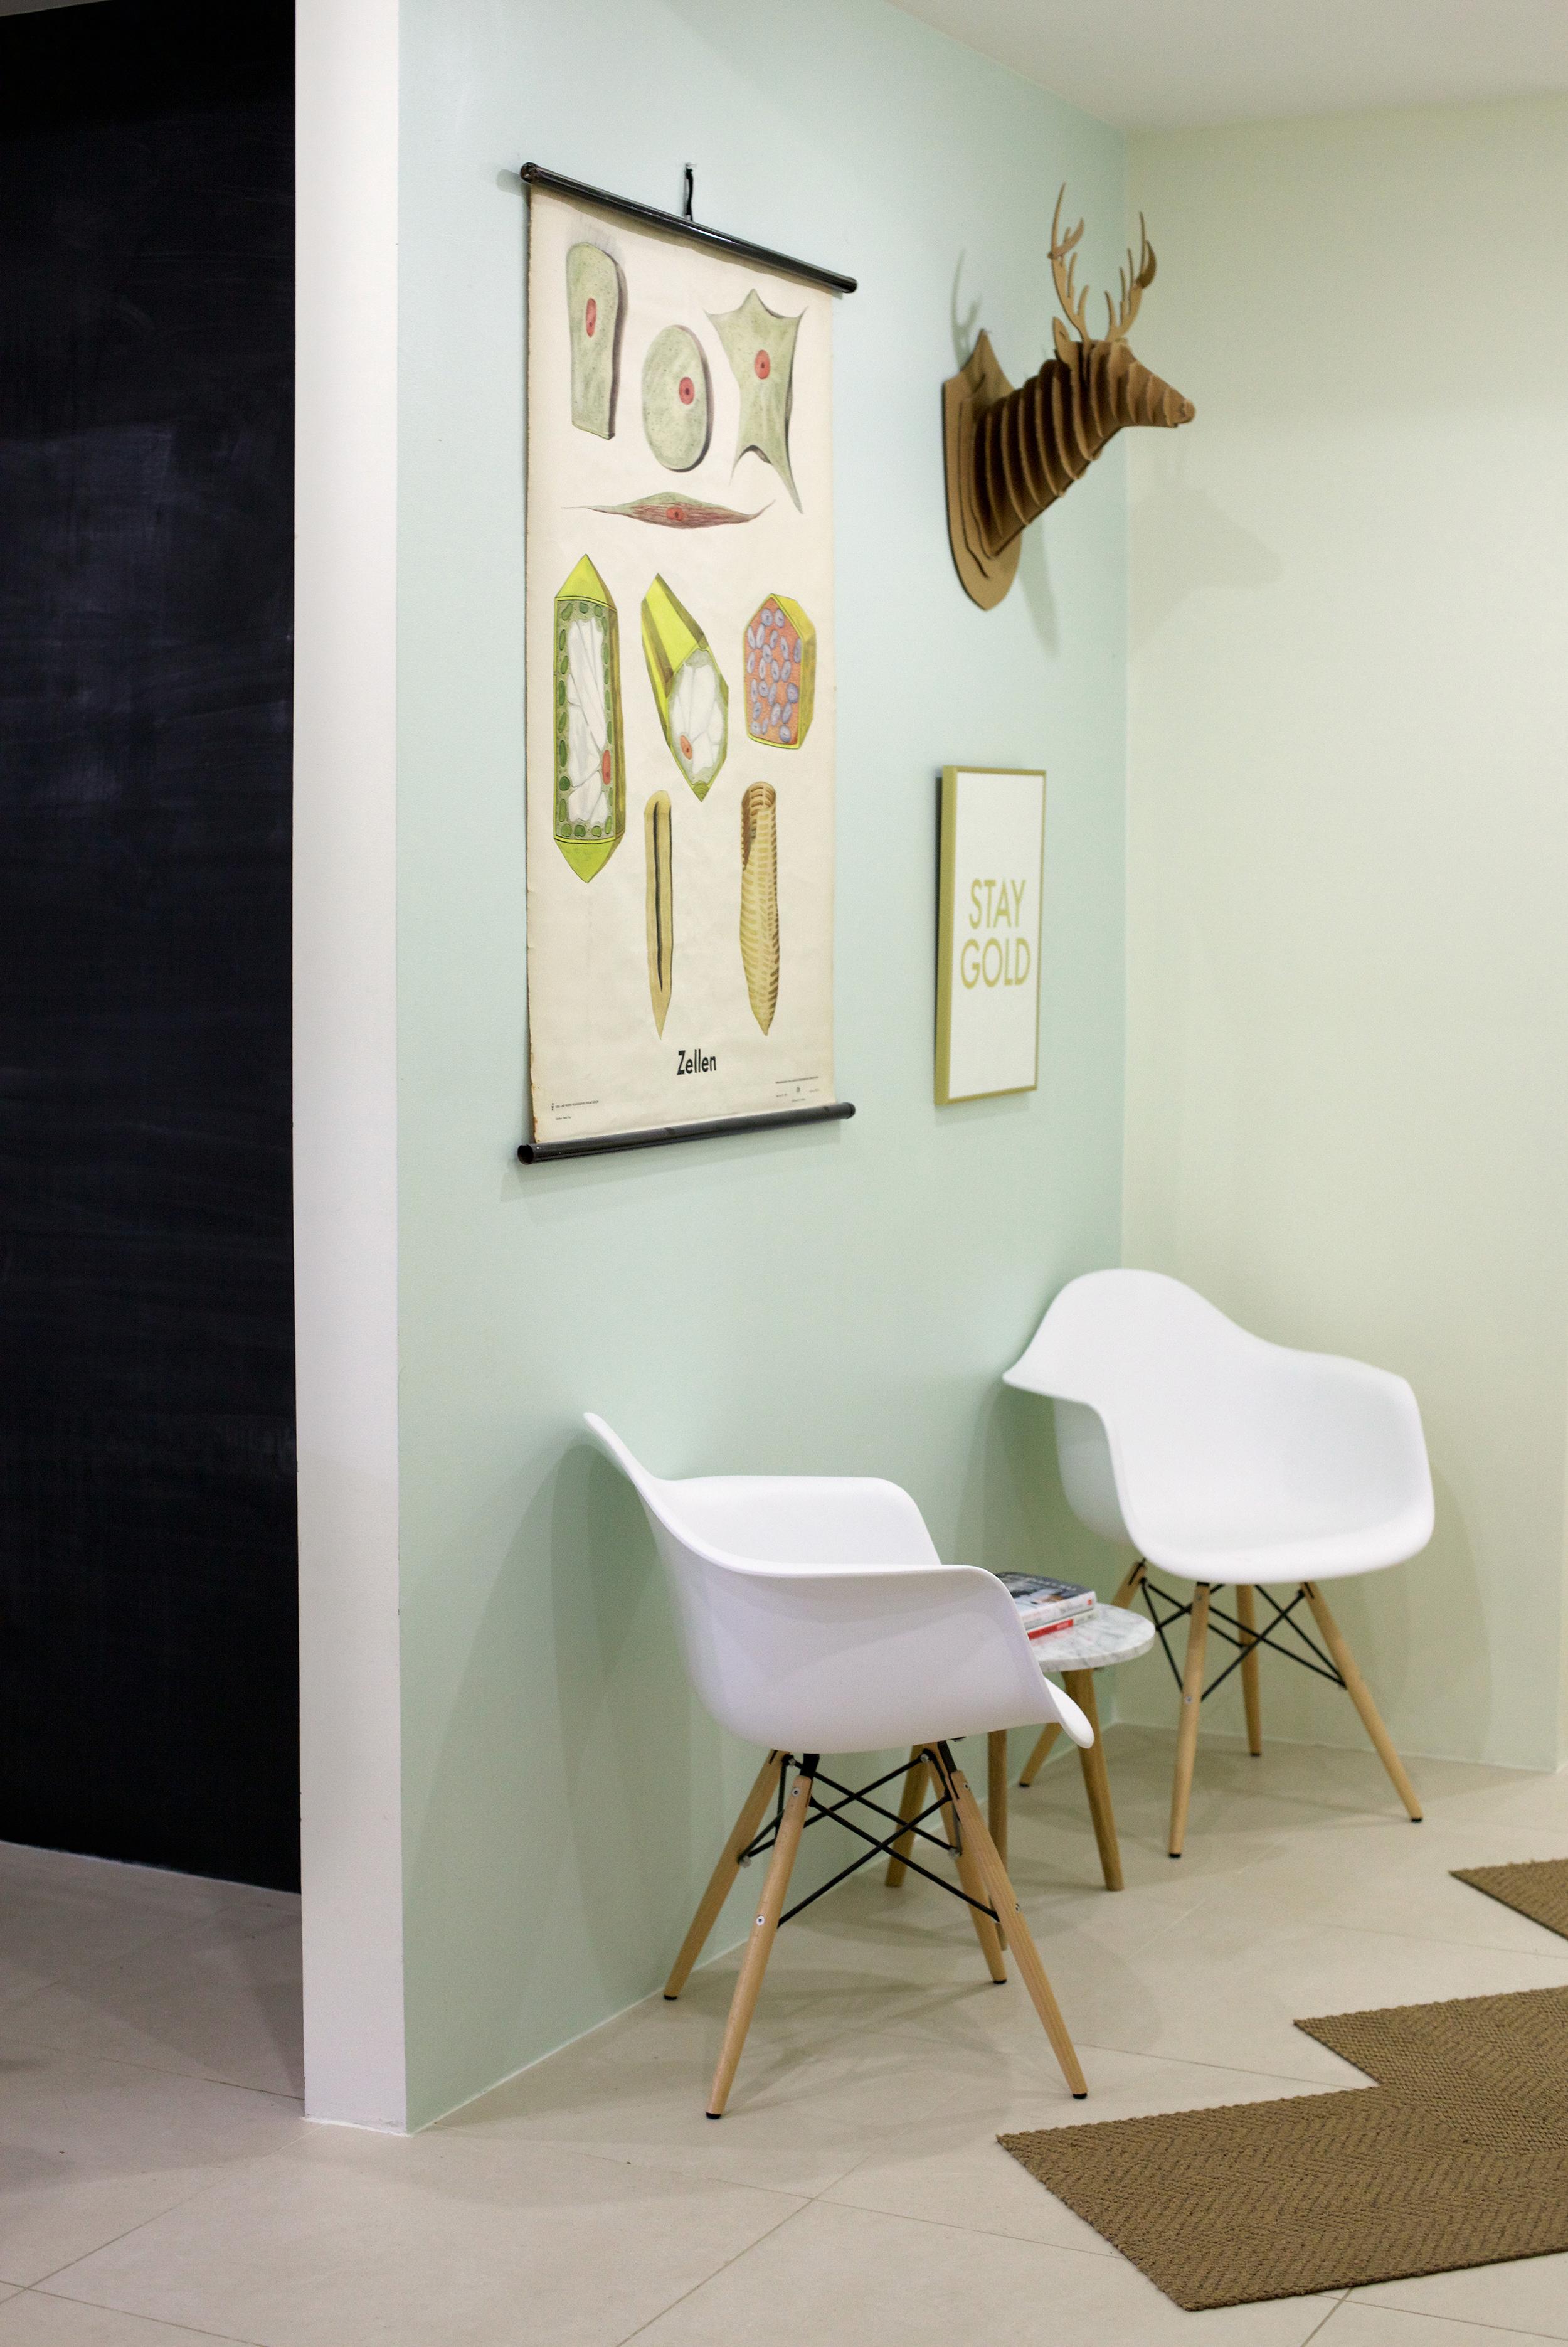 zmaic-one-month-interior-design-kitchen-nook-chalkboard-wall.jpg